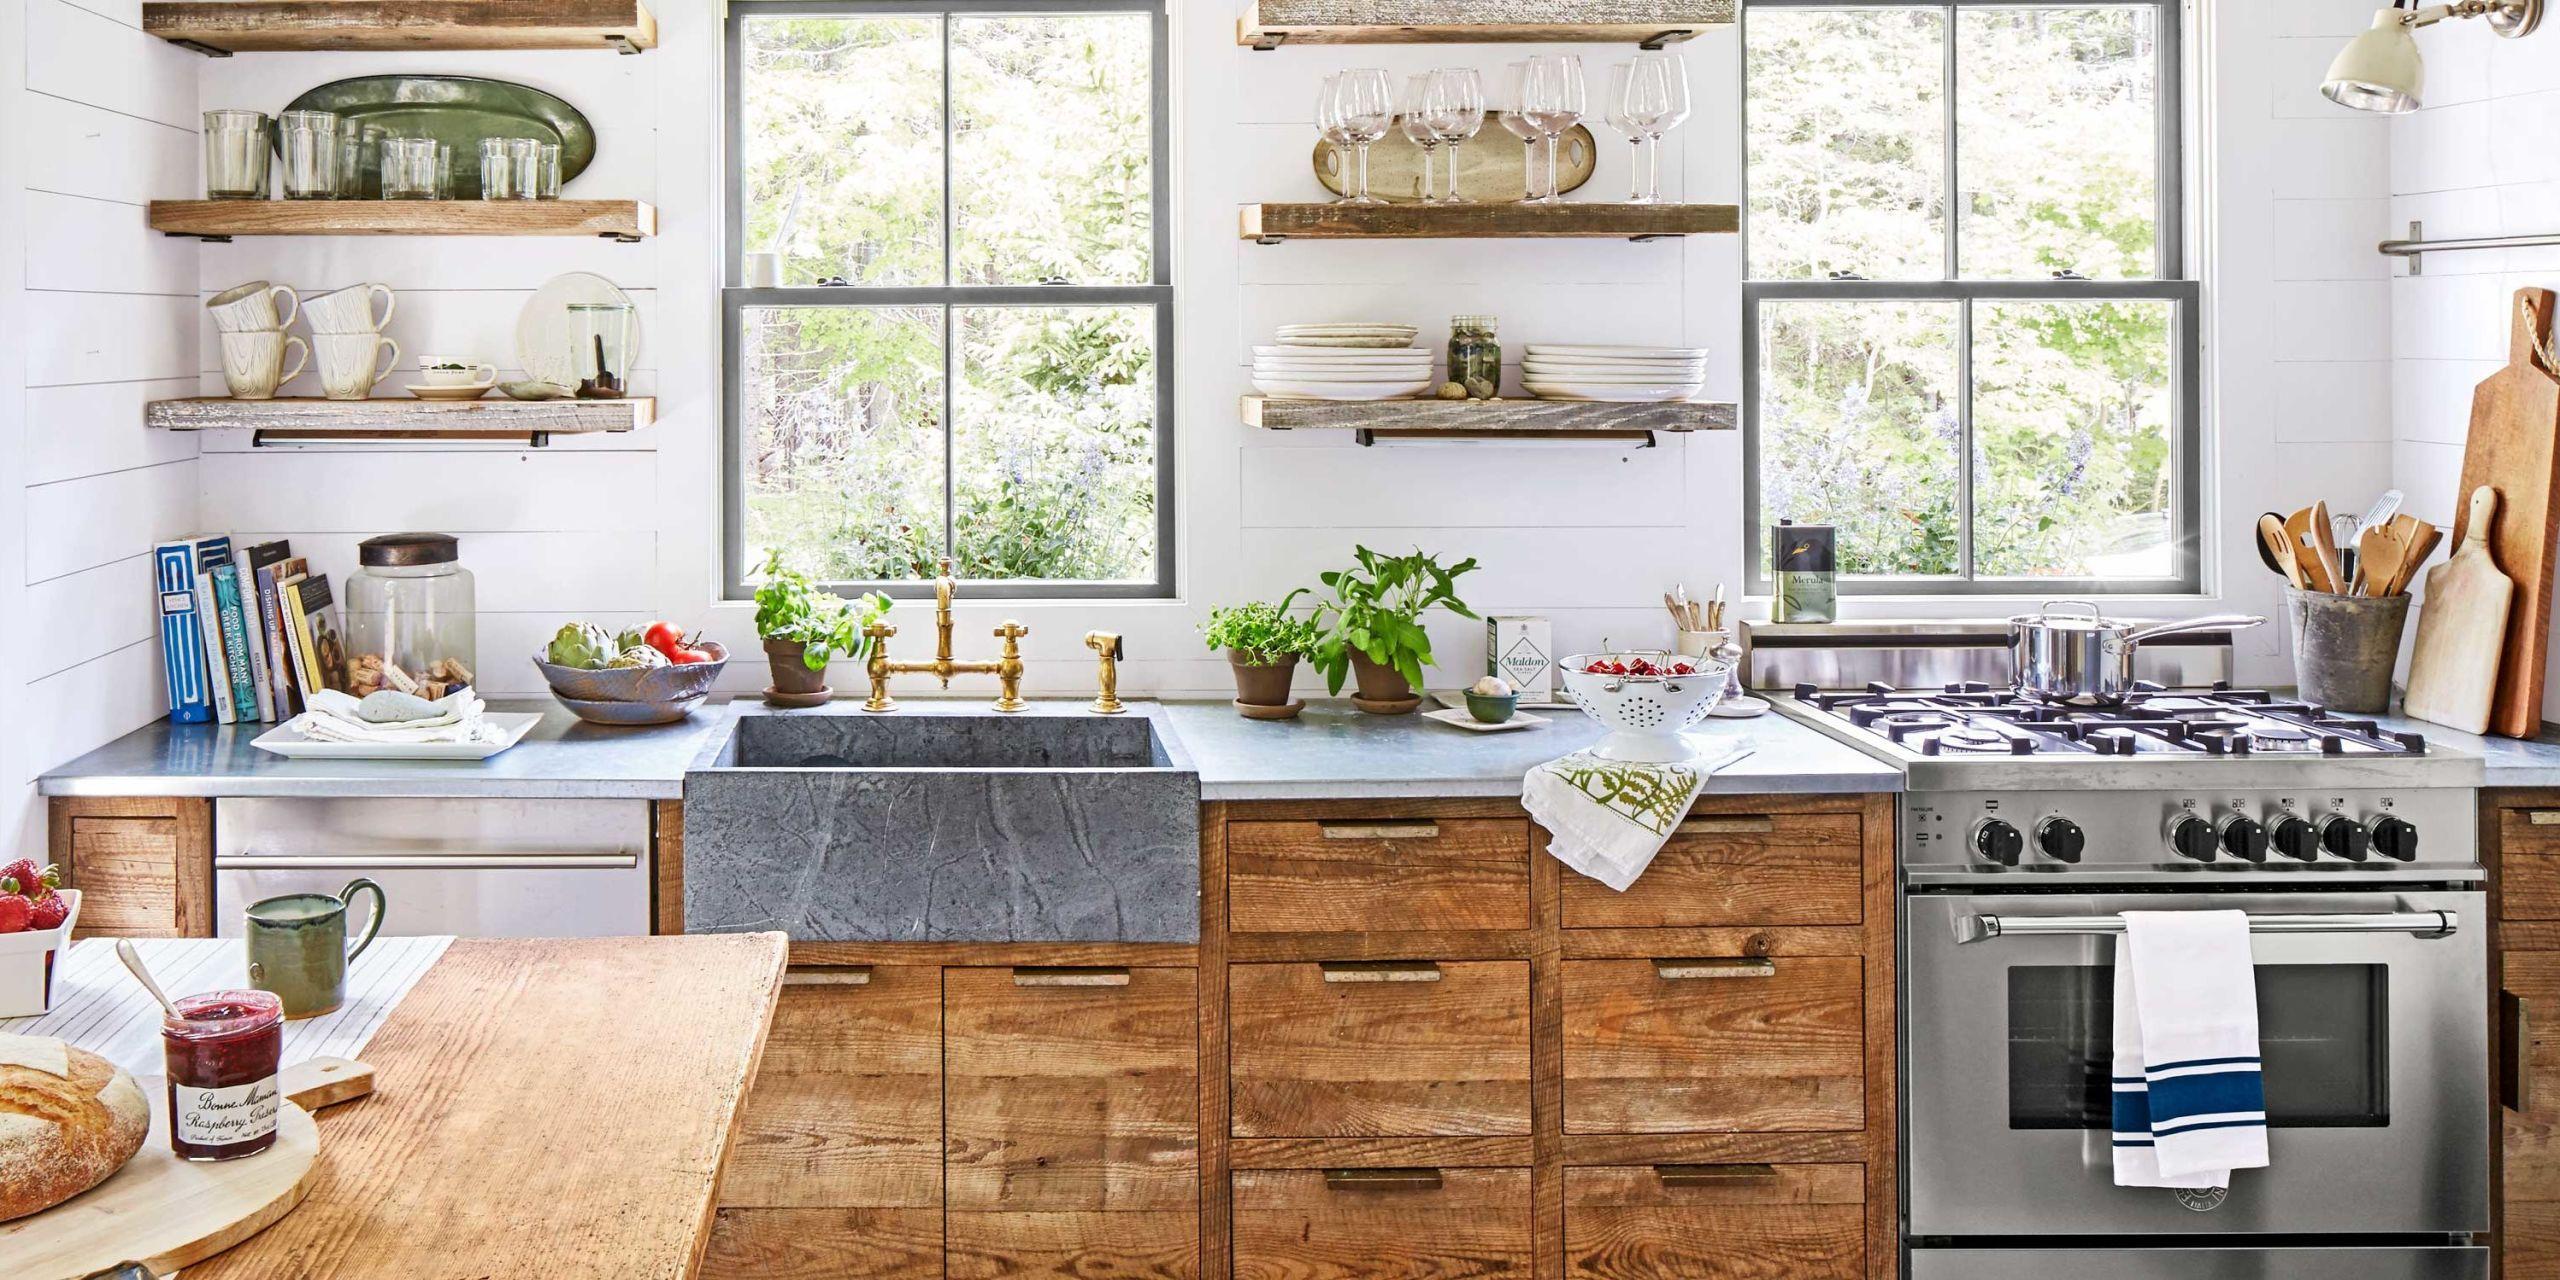 Best Kitchen Design Ideas Decor